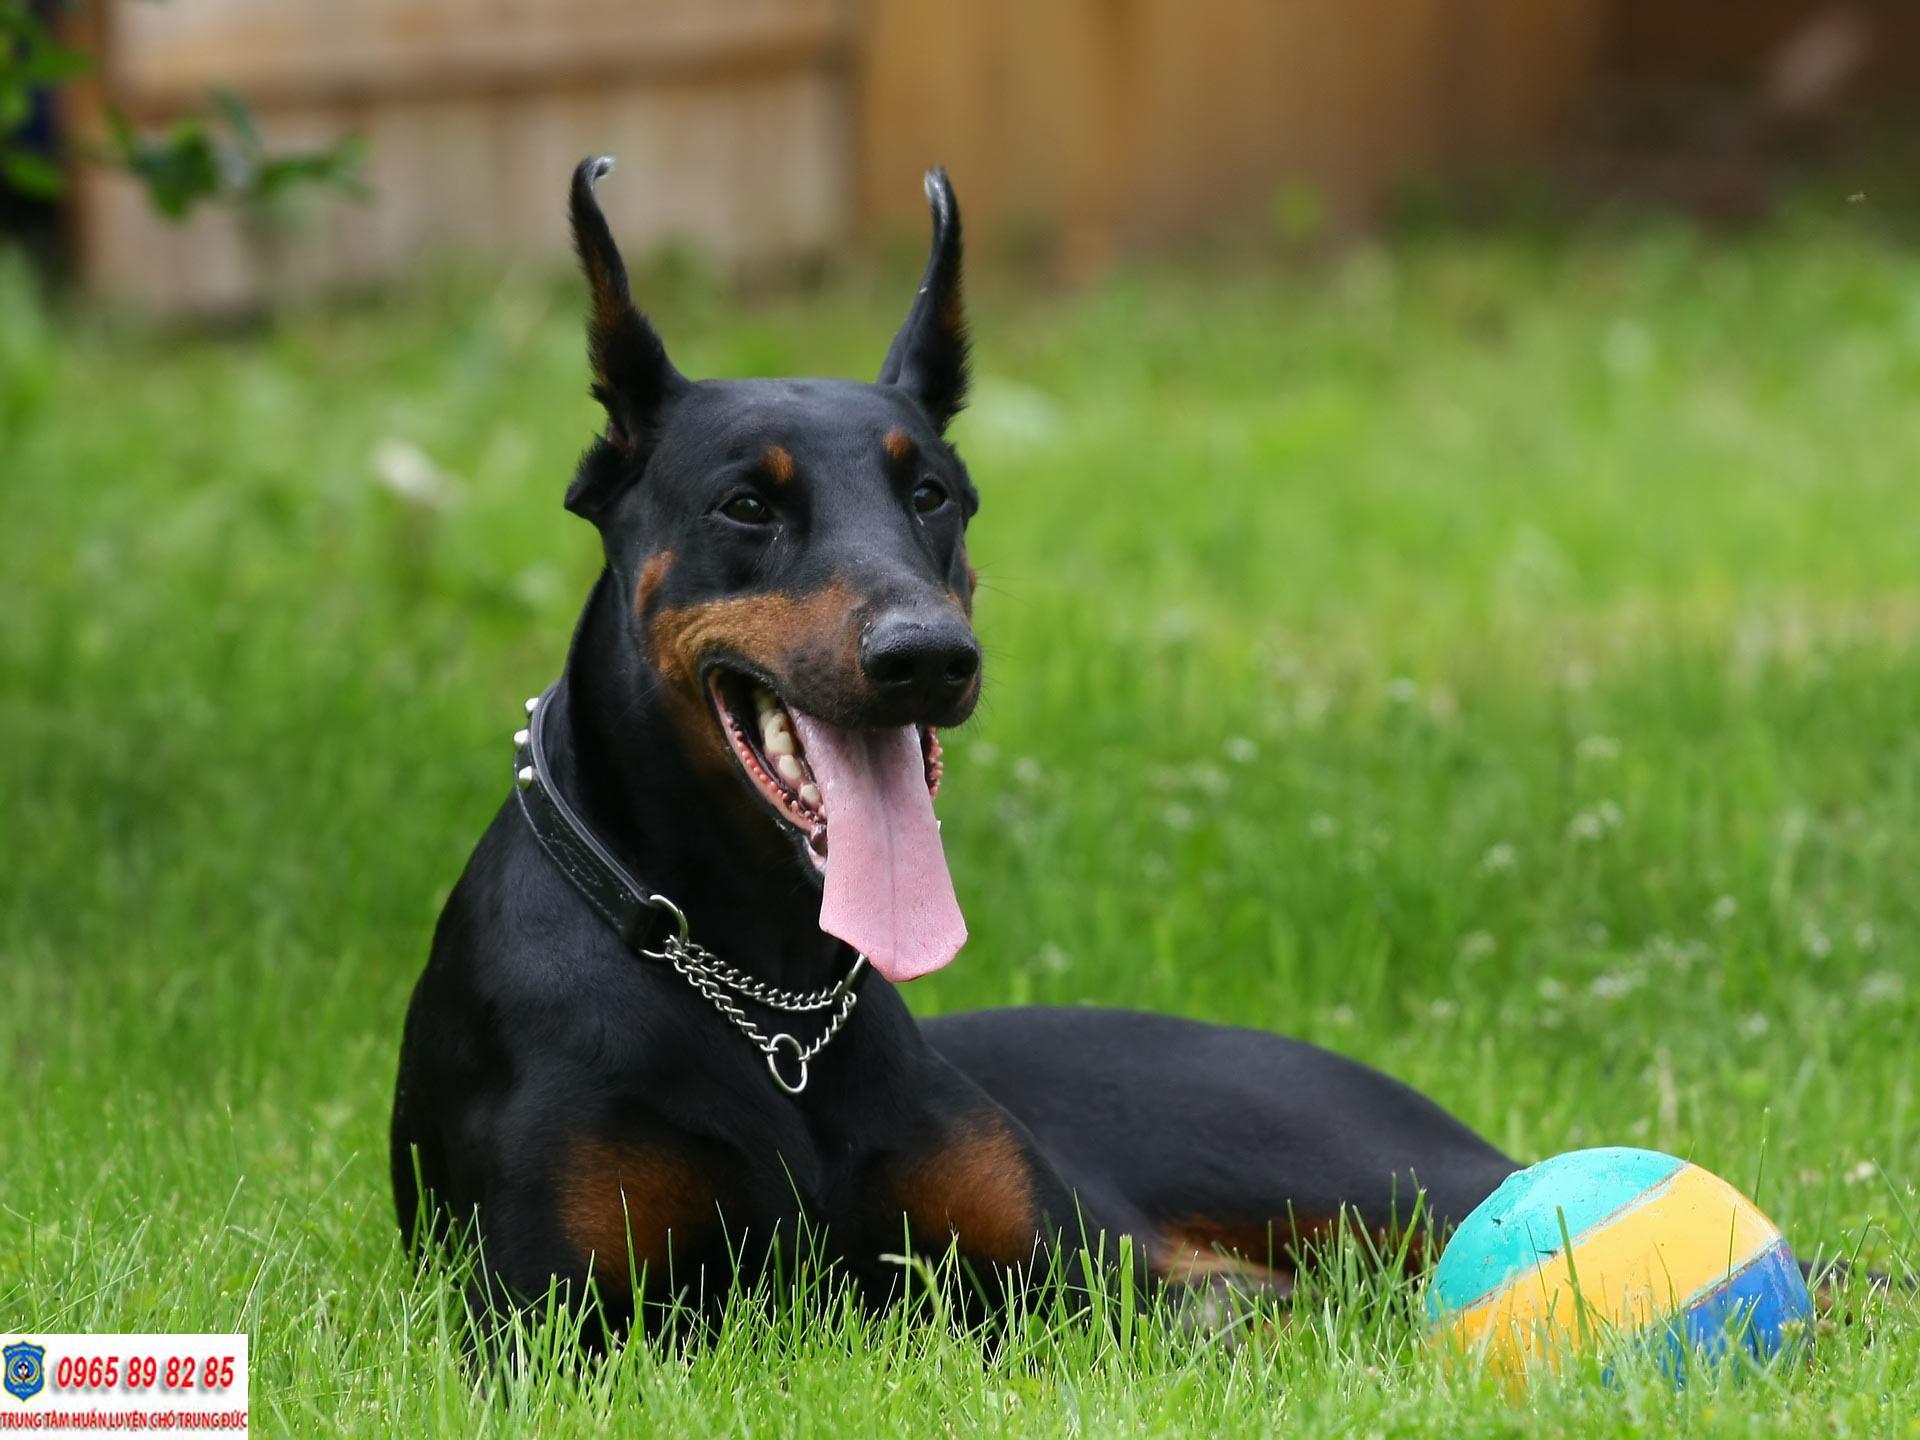 Huấn luyện chó Doberman